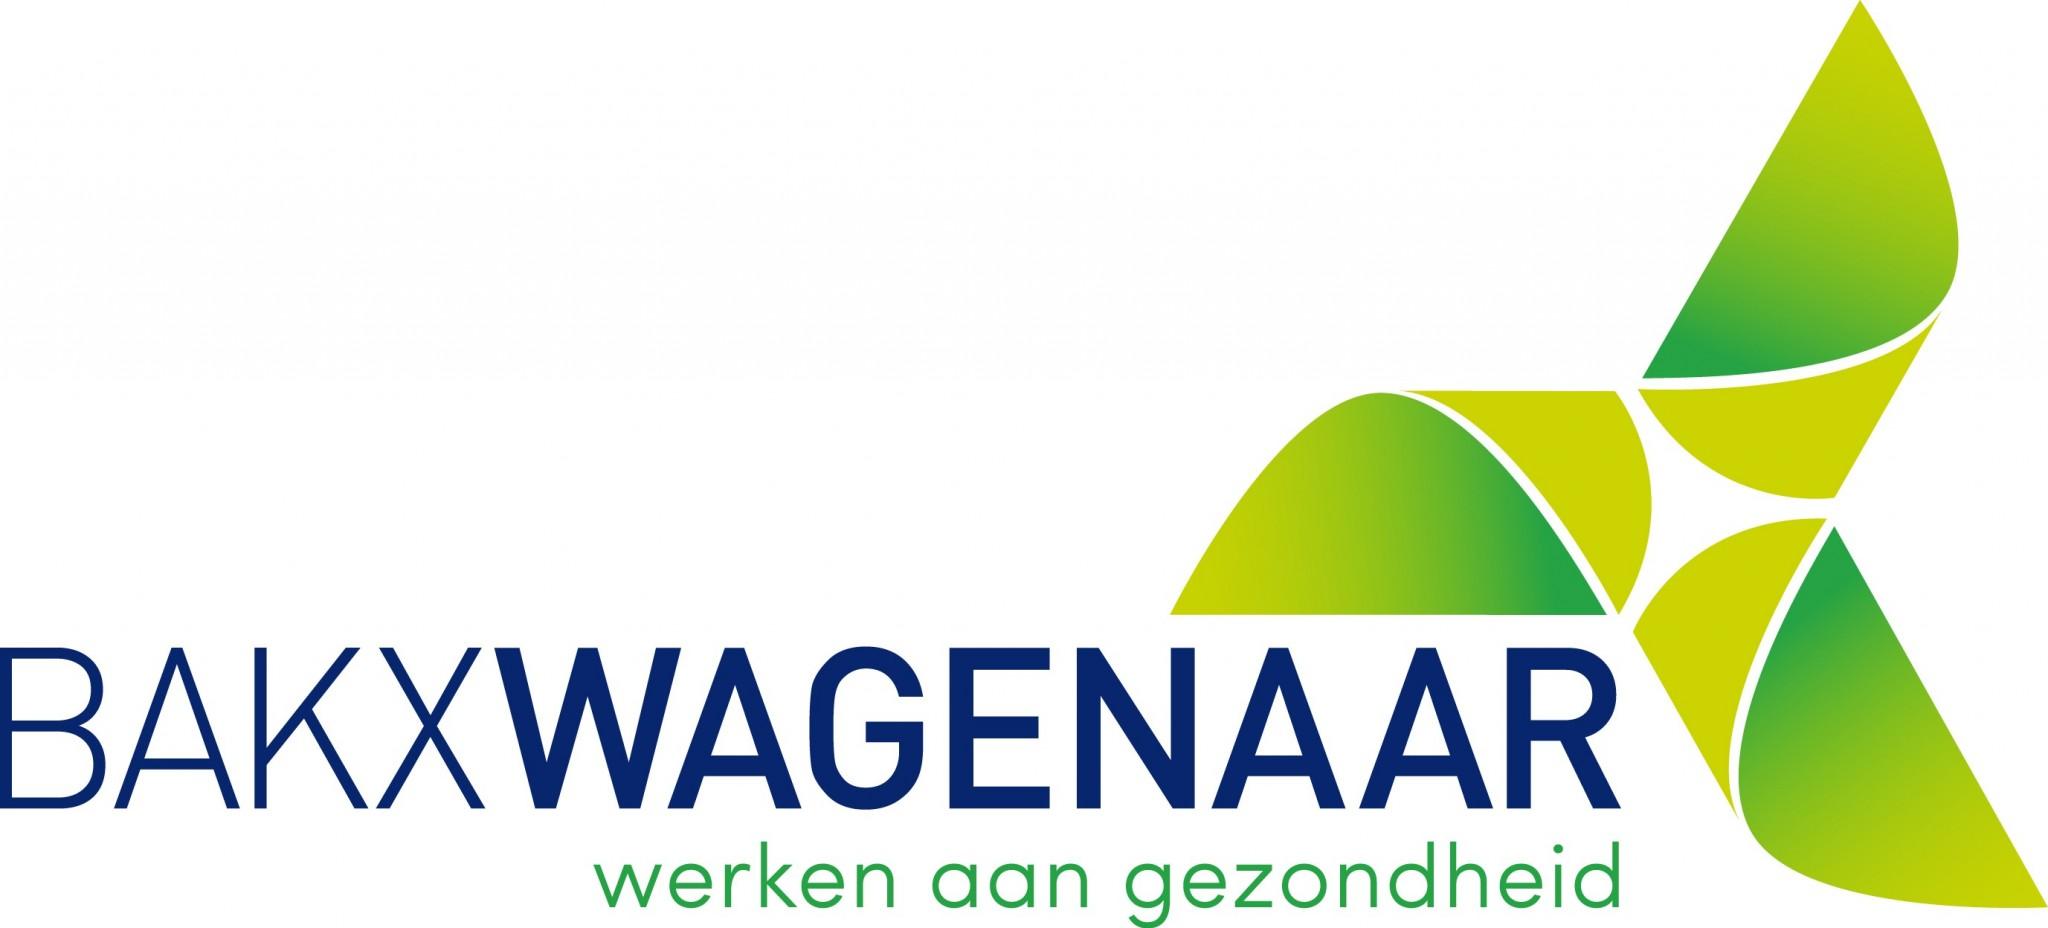 Bakx & Wagenaar